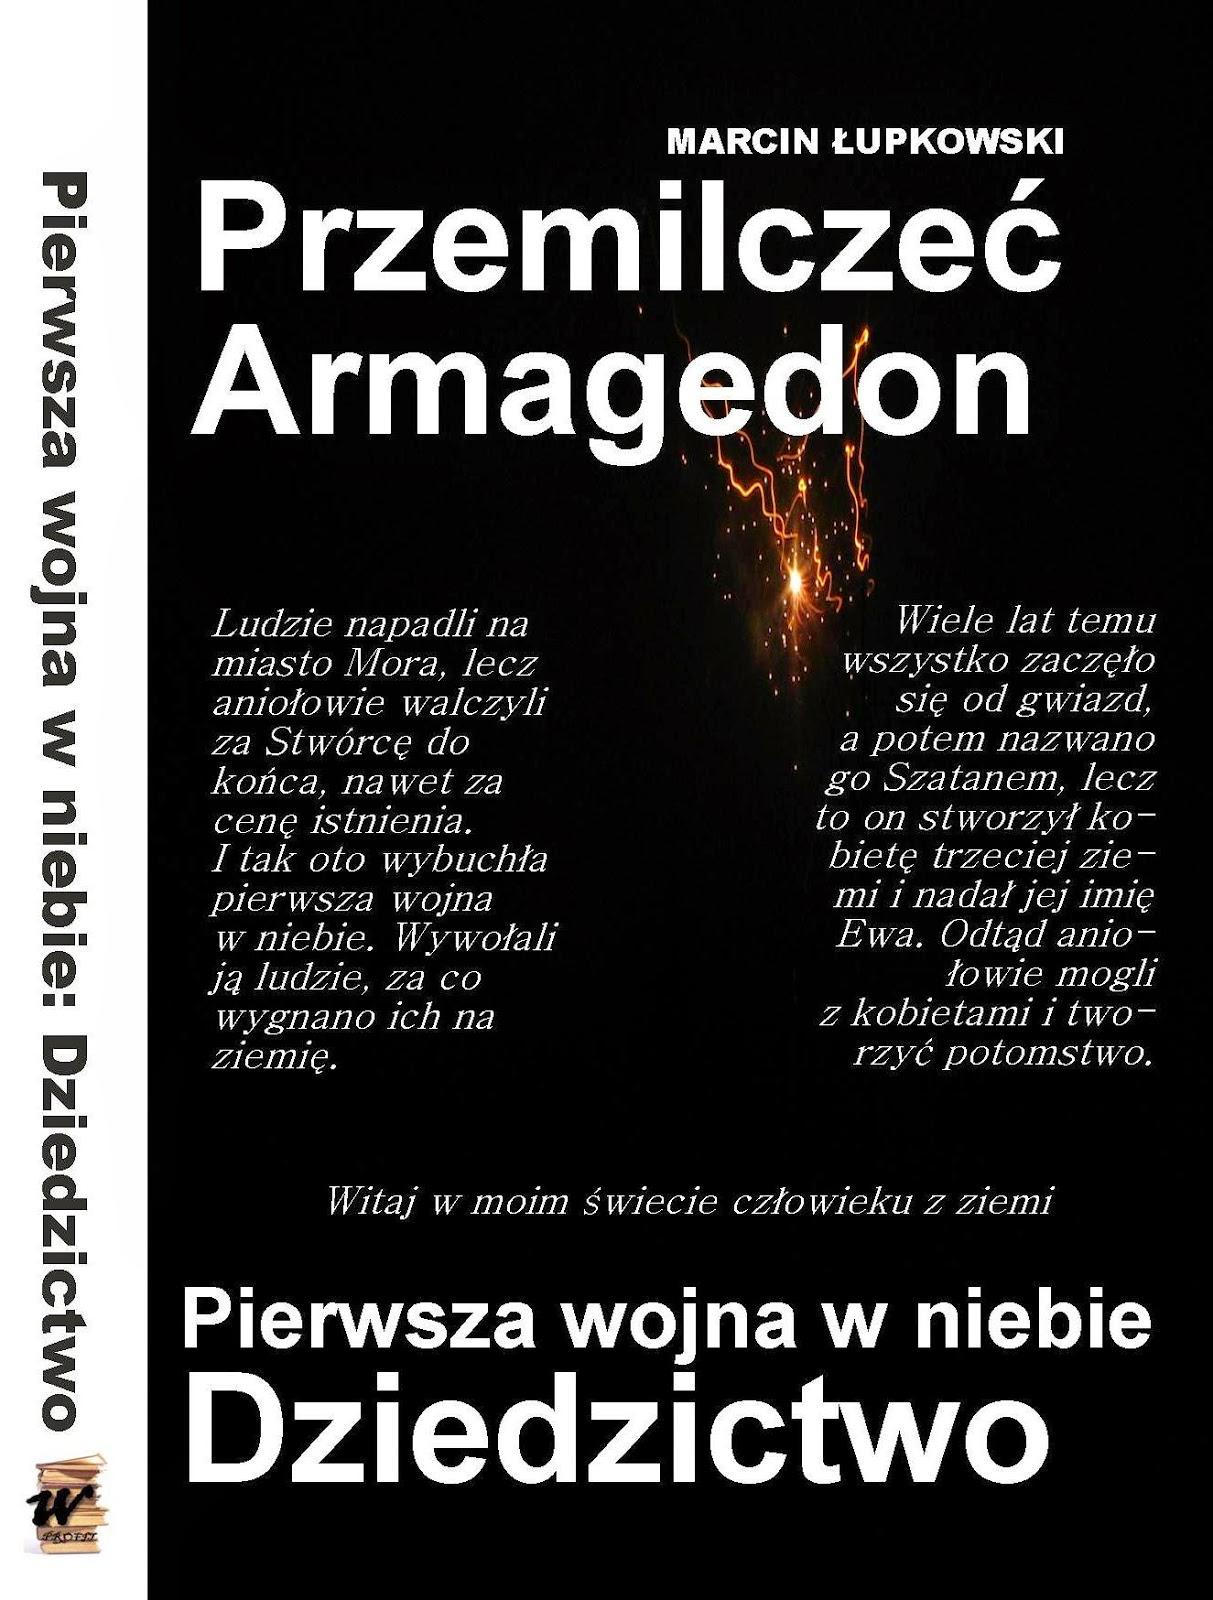 http://lupkowski.blogspot.com/search/label/Powie%C5%9B%C4%87%20%22Prowincja%20pe%C5%82na%20wiochy%22